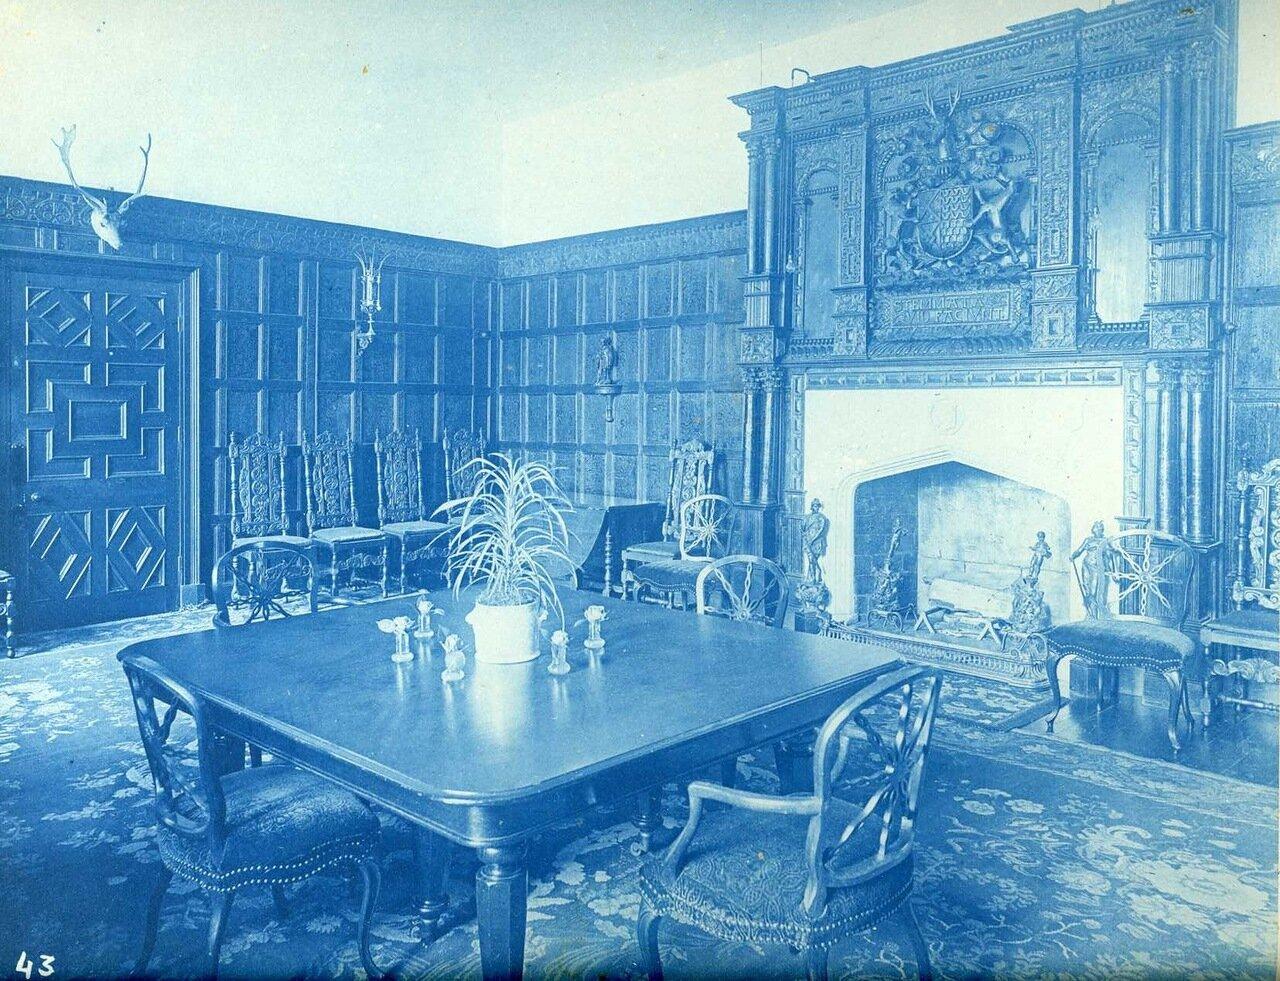 Столовая в замке  Сент-Фаган. Сент-Фаган, Кардифф, Уэльс. 29 июня 1892